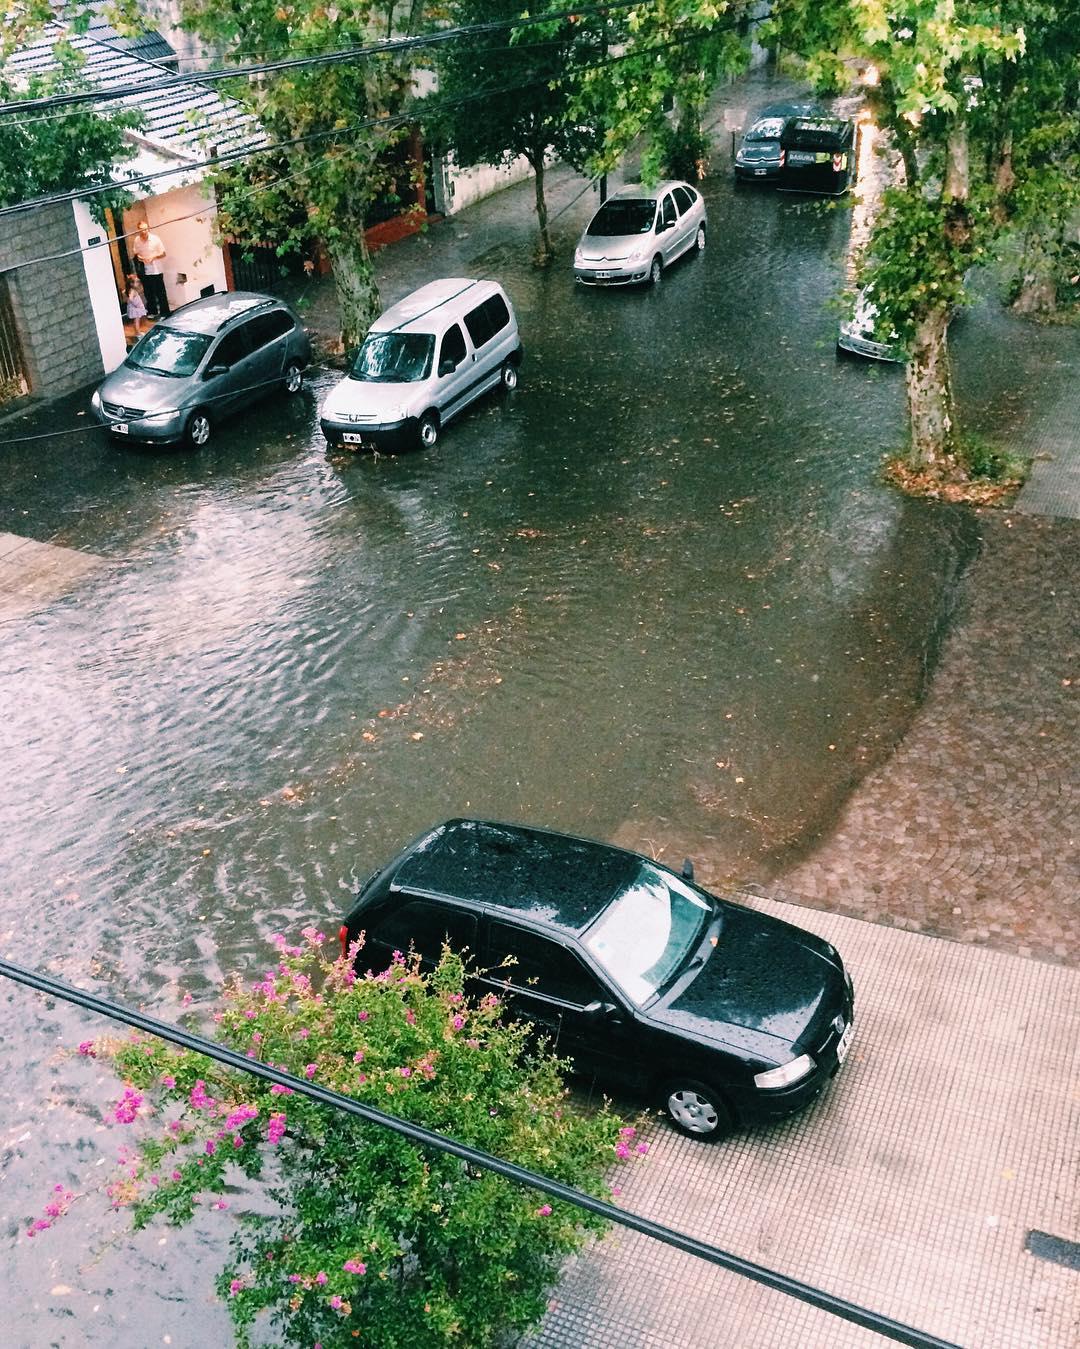 Se me estaría inundando el barrio @mauriciomacri  sr presidente cuando va a solucionar el asunto? #iphone #buenosaires #inundacion #macri